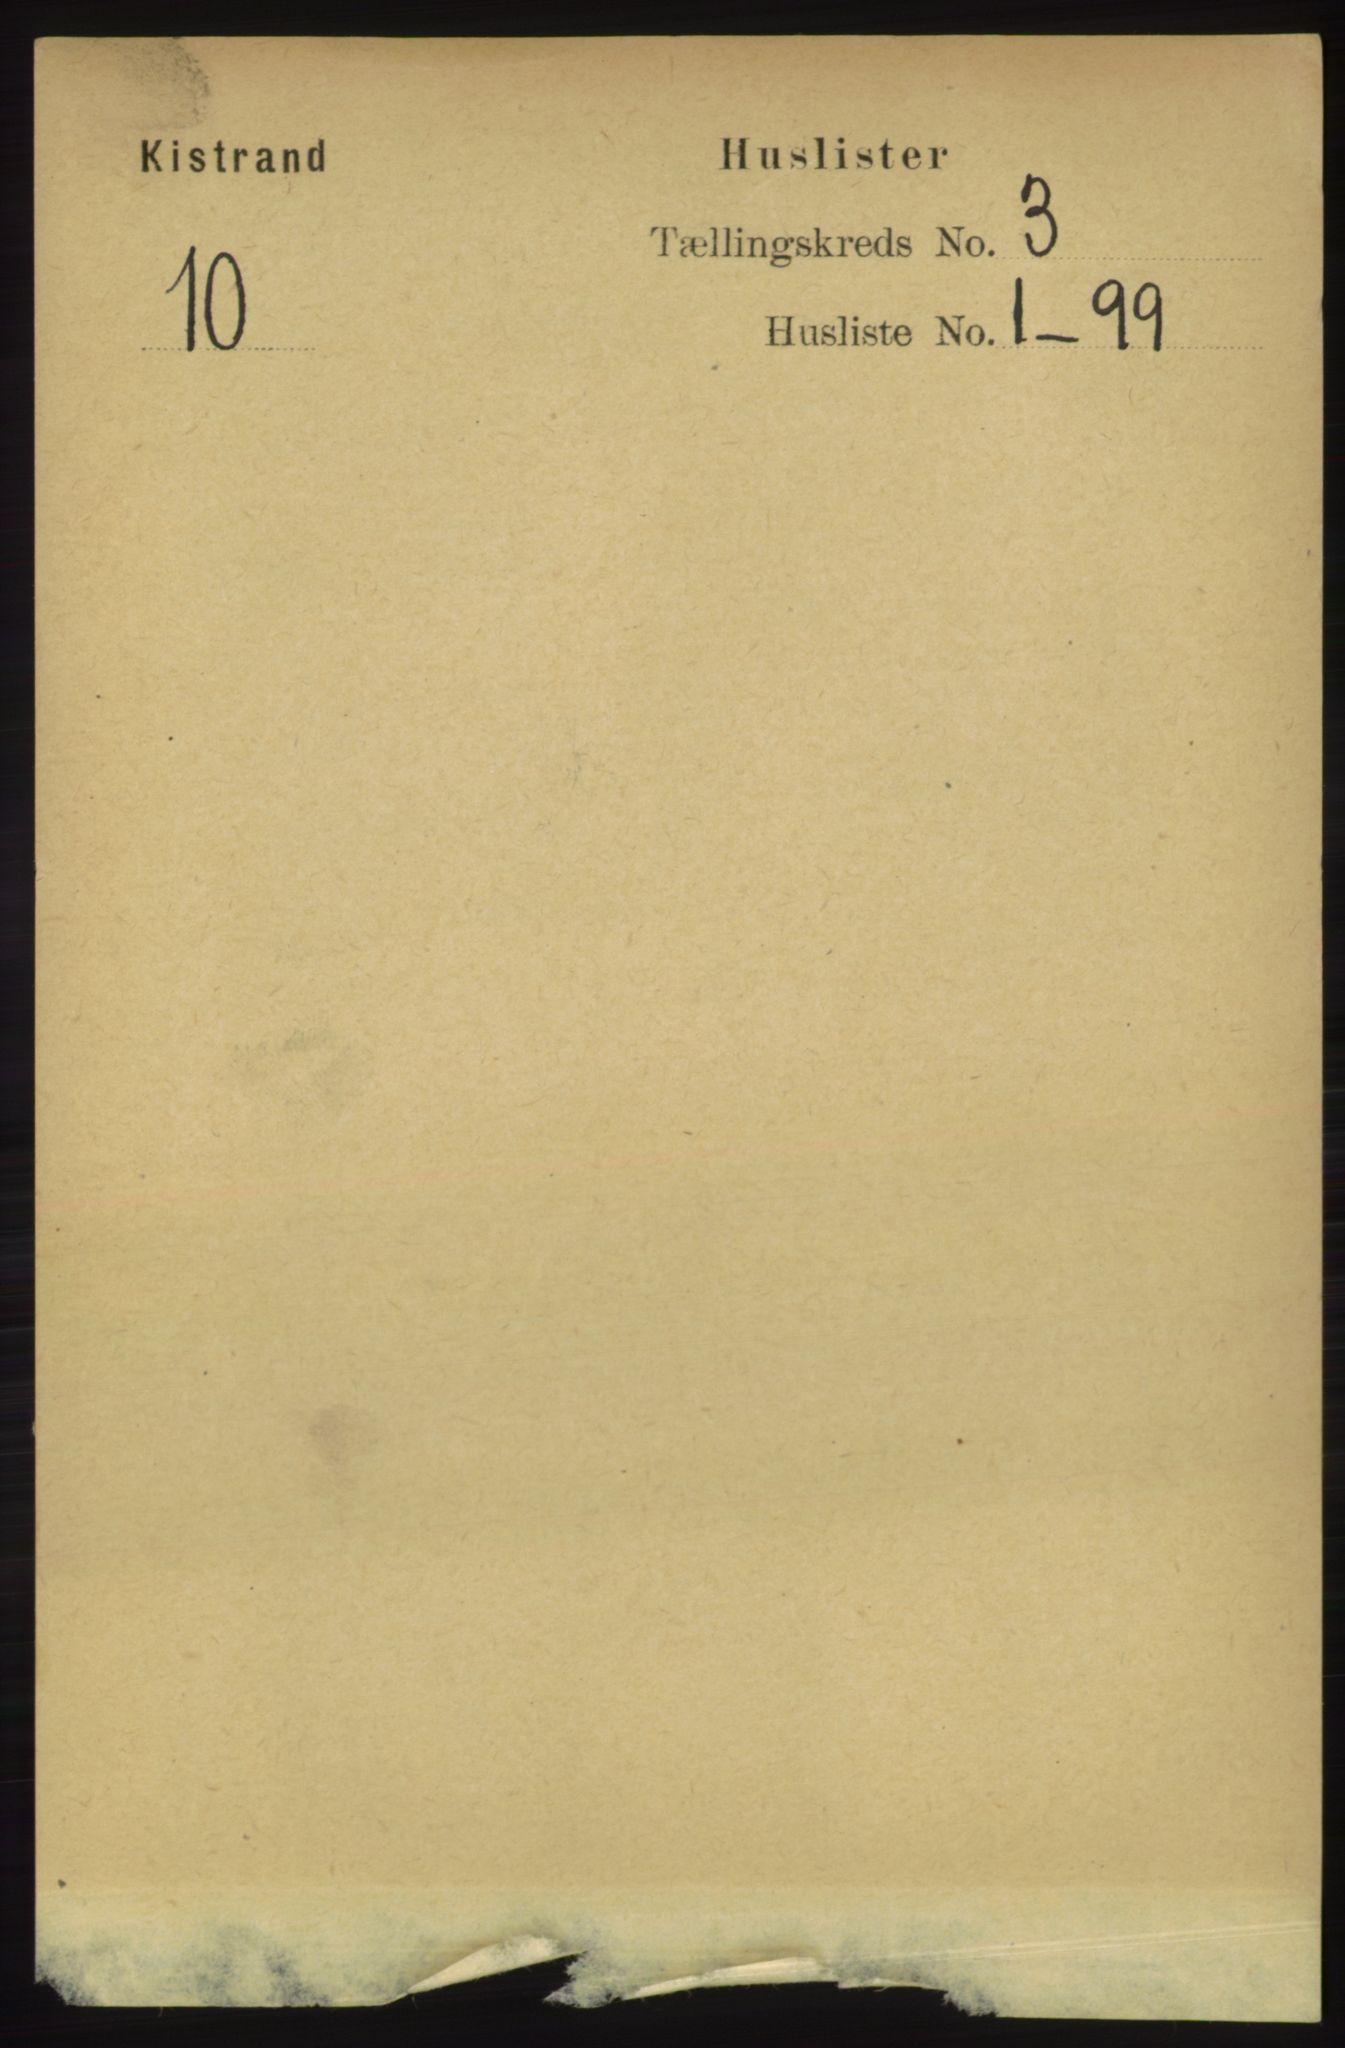 RA, Folketelling 1891 for 2020 Kistrand herred, 1891, s. 1169